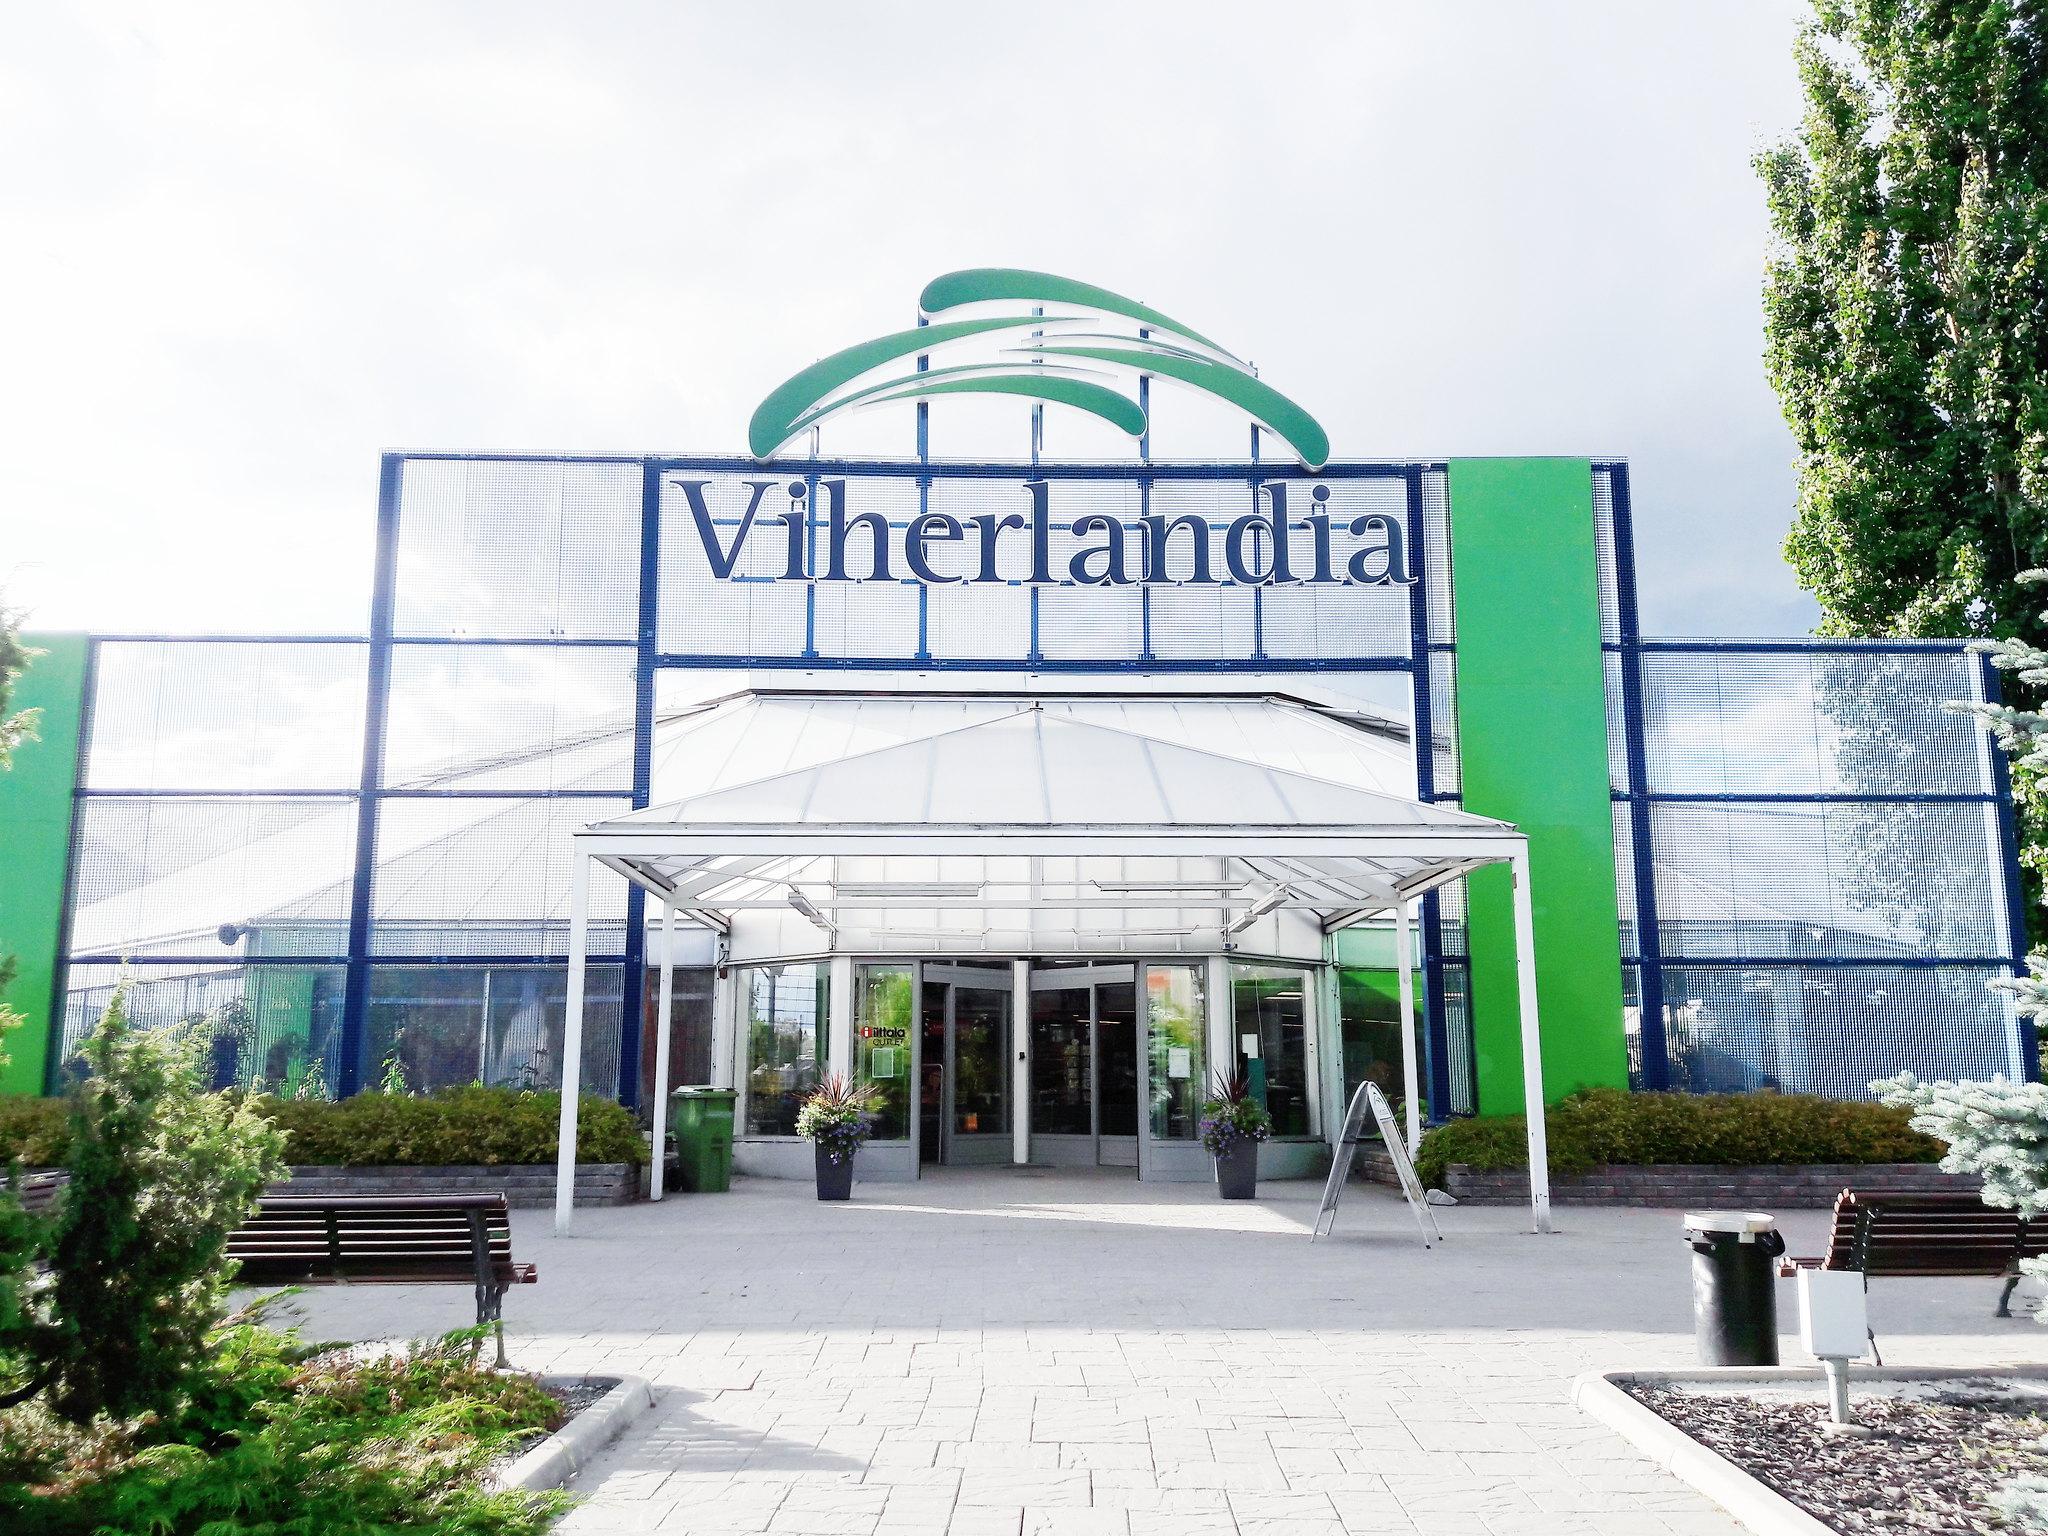 Viherlandia-reissu ja uusi kasvi kotiin